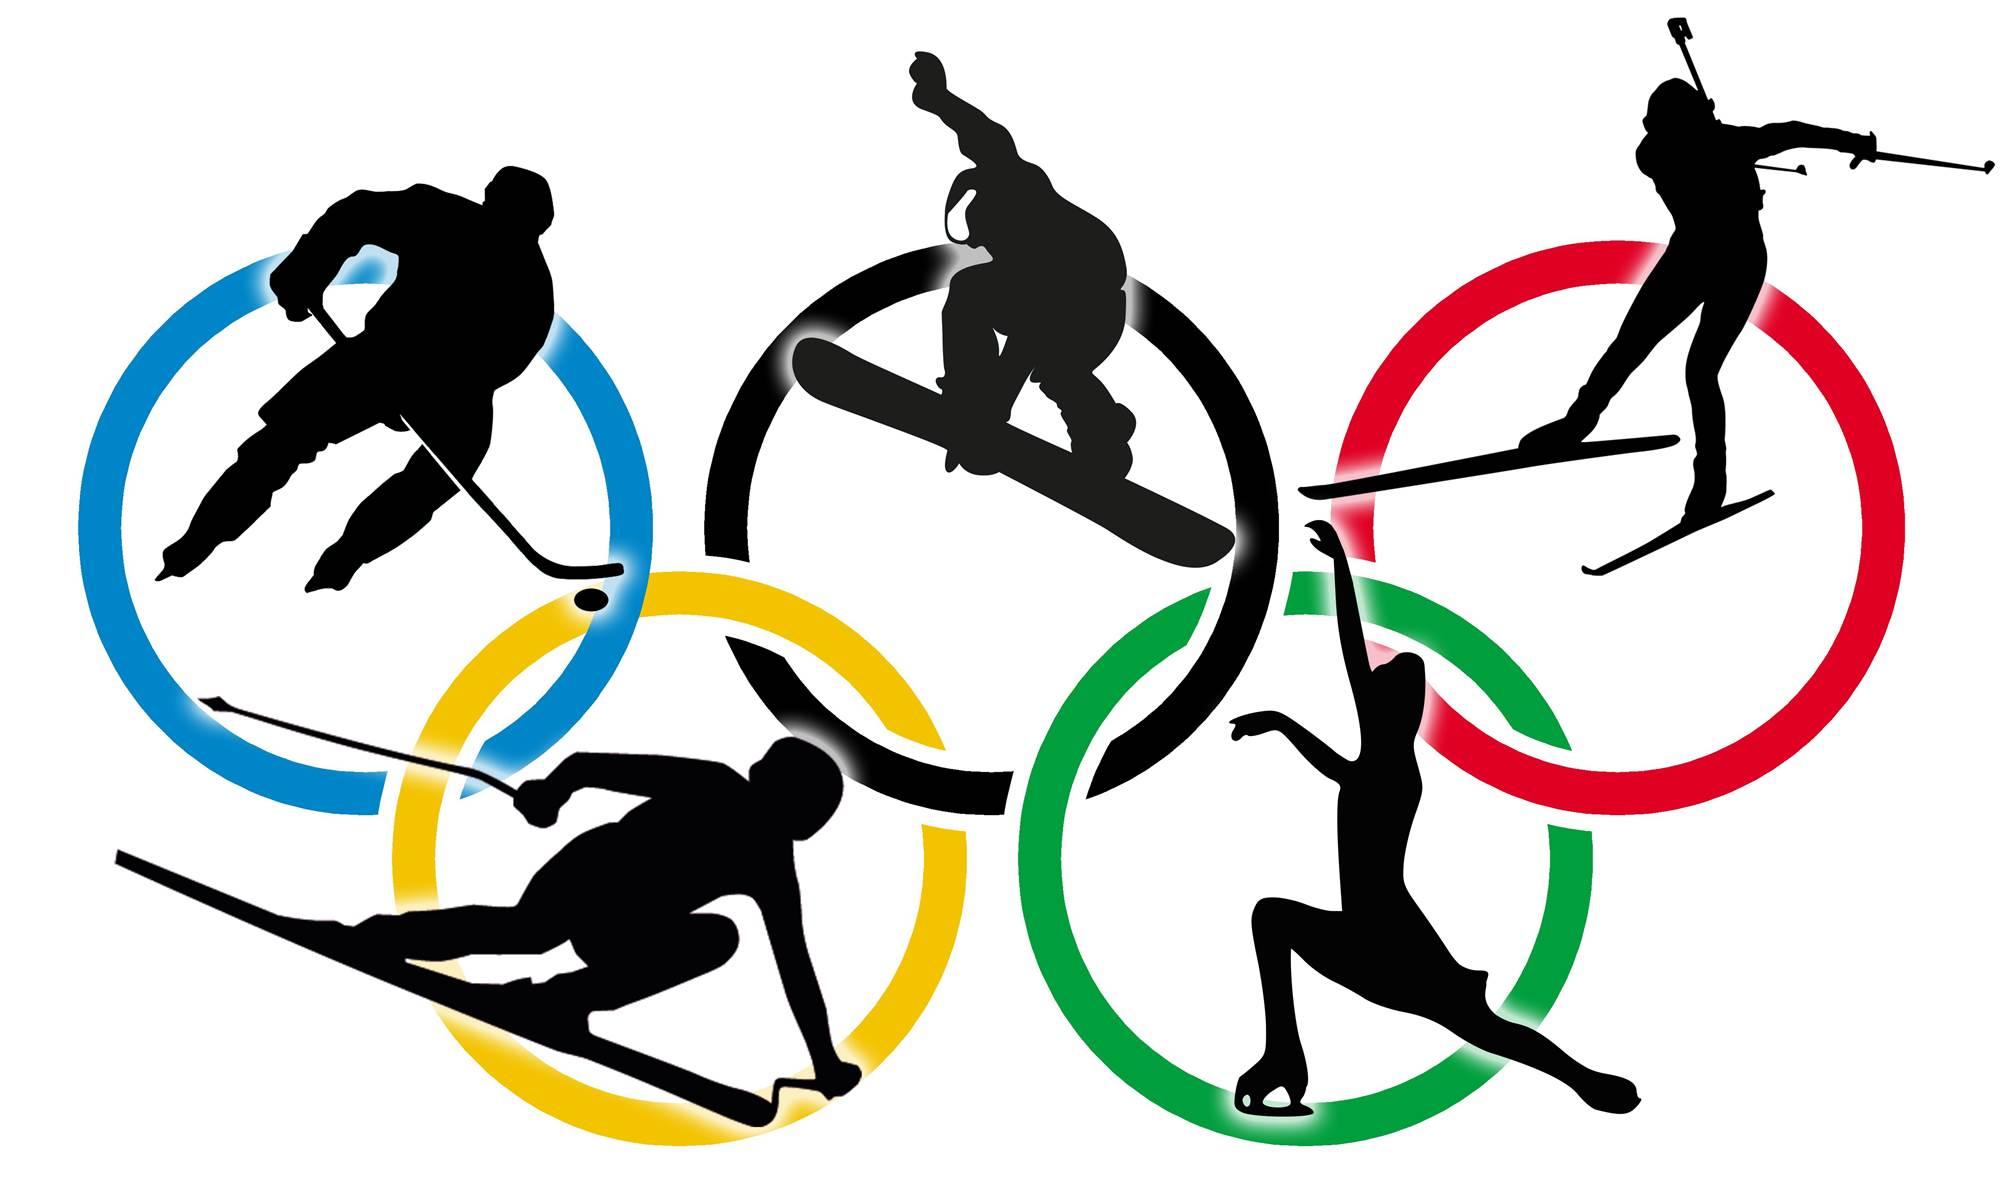 SCHREIBEN IN BERLIN | Das Schreiben und die Olympischen Spiele (Bildnachweis: Pixabay)